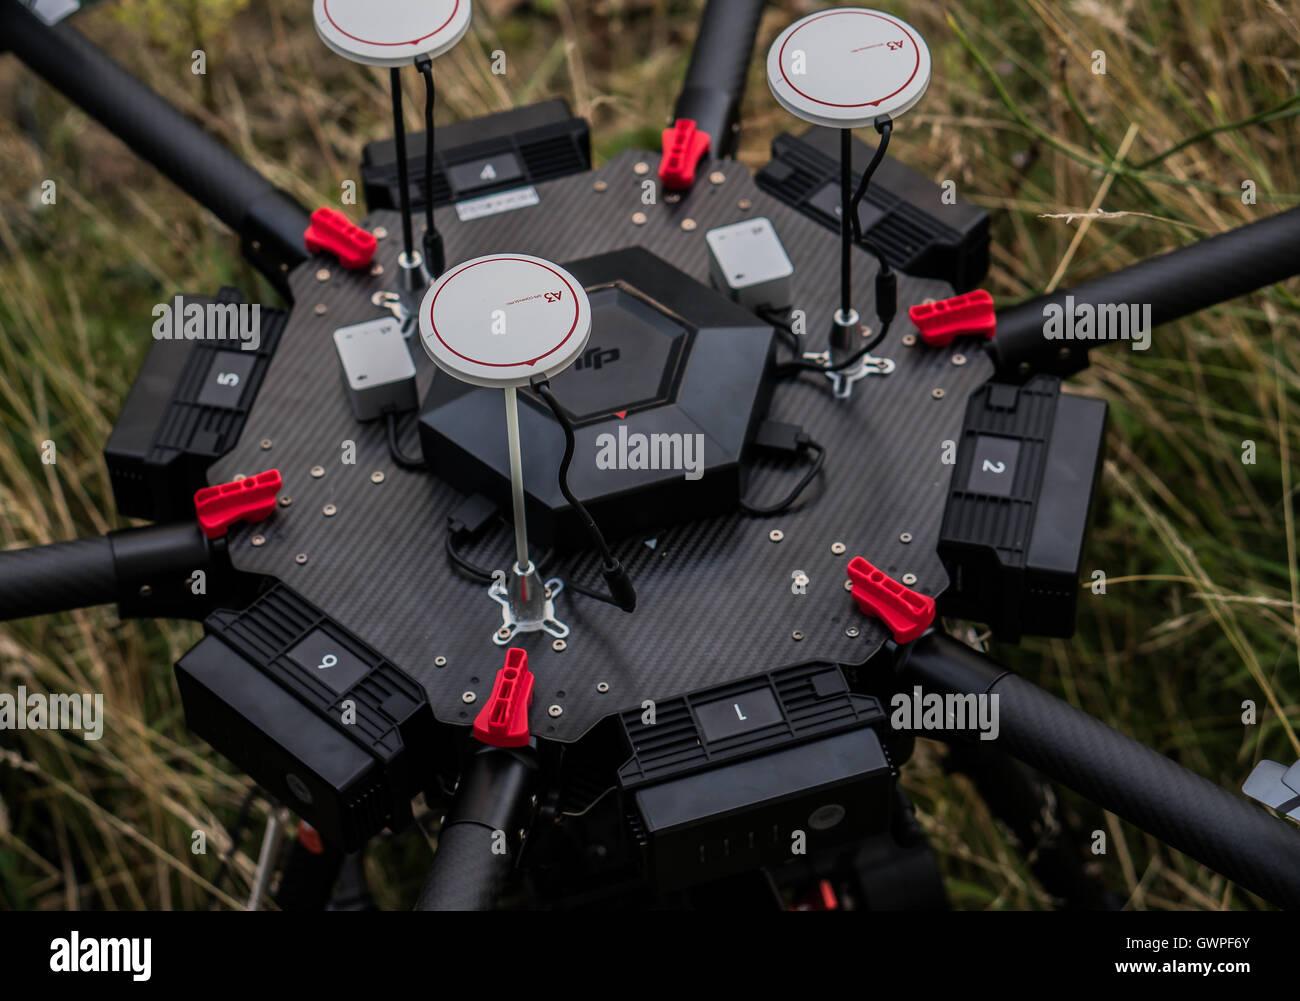 pro camera drone - Stock Image